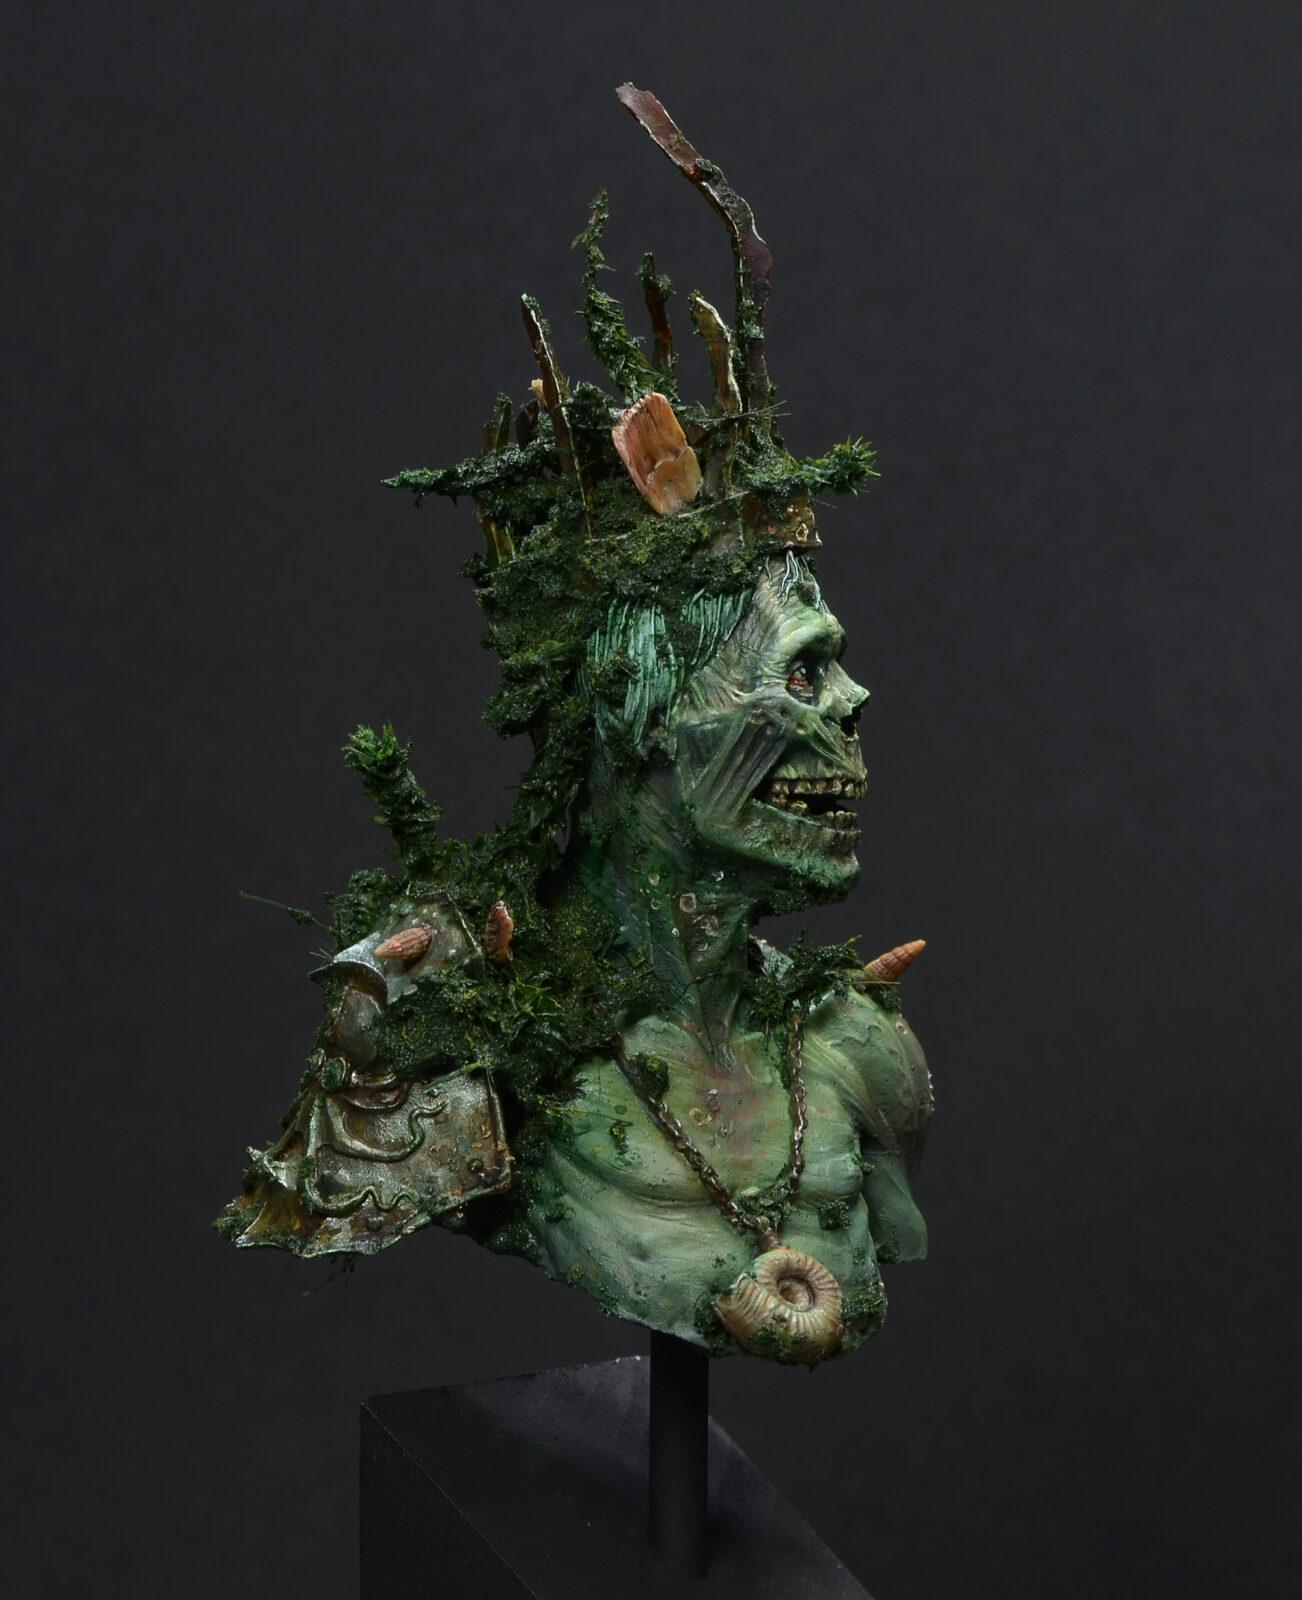 Ghoulking07